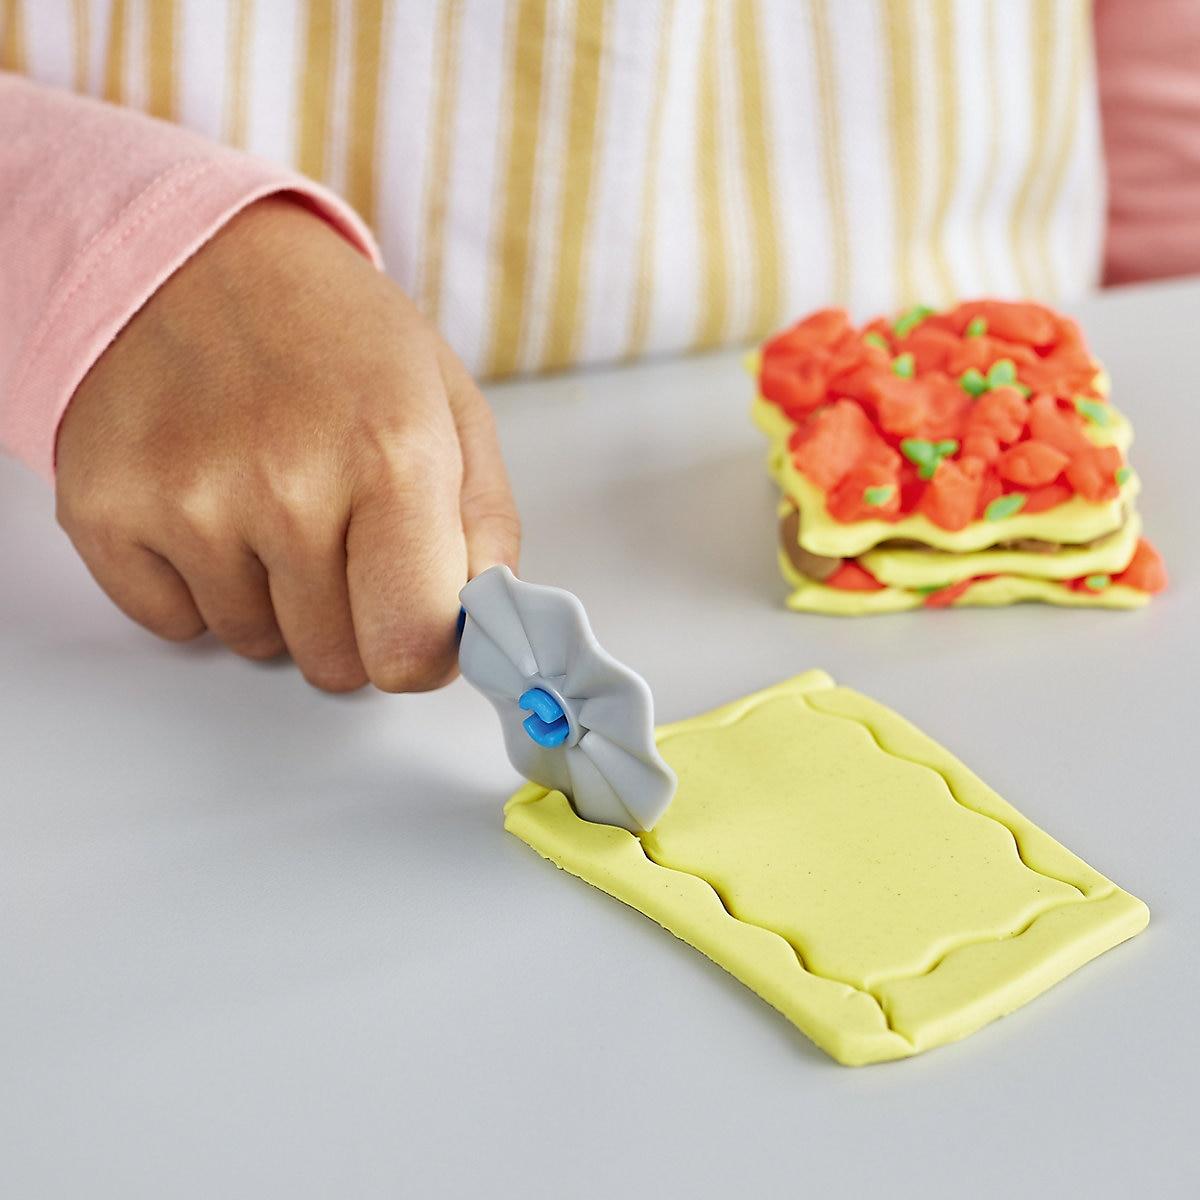 Pâte à modeler play-doh/Slime 5099880 pâte à modeler de bureau à la main gomme sculpter enfants fille garçon filles garçons pour enfants play-doh MTpromo - 5